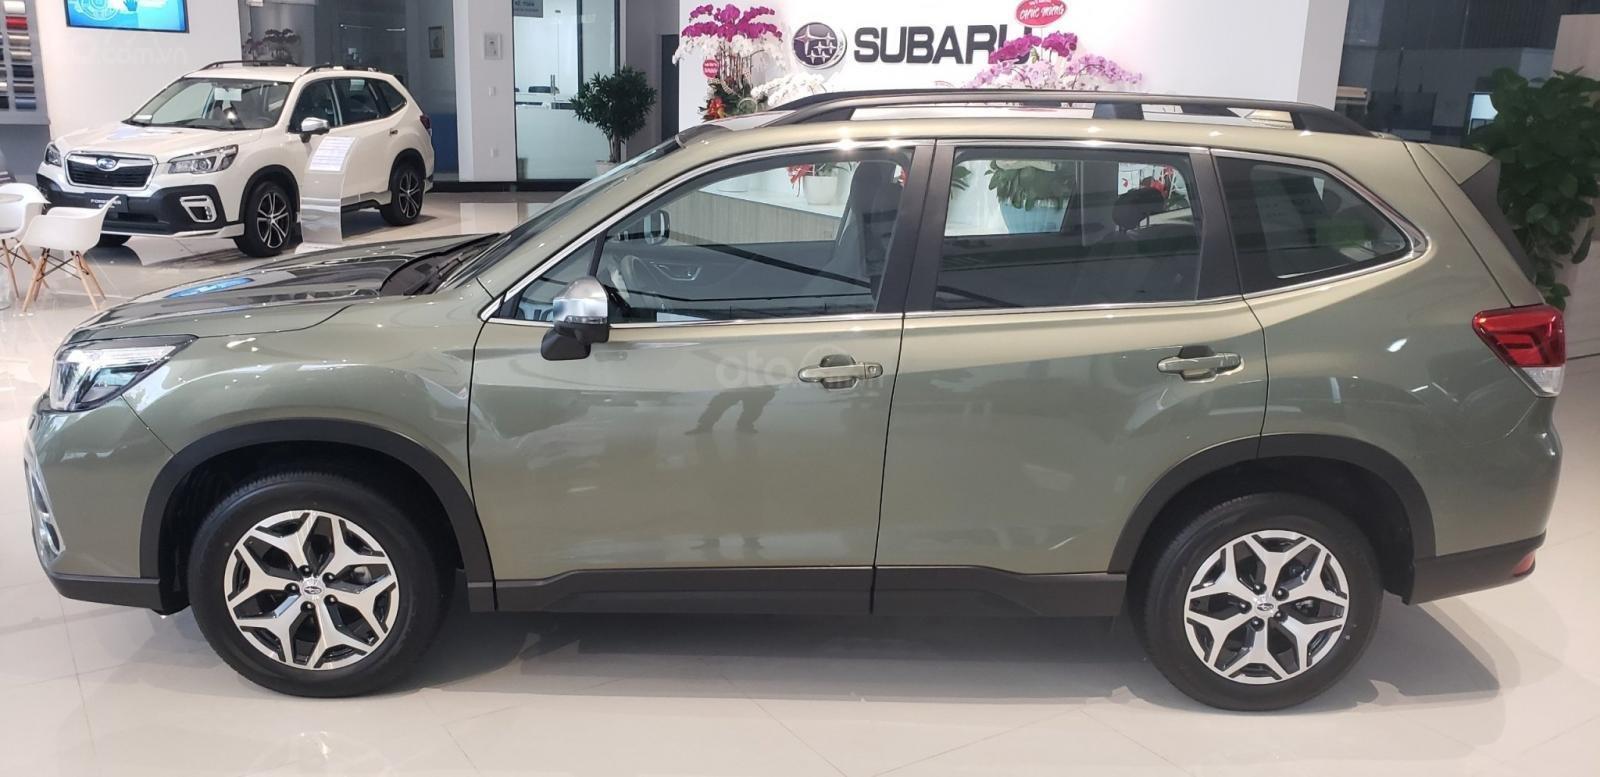 Subaru Forester i-L, nhập khẩu Thái Lan, chỉ với 270tr (2)